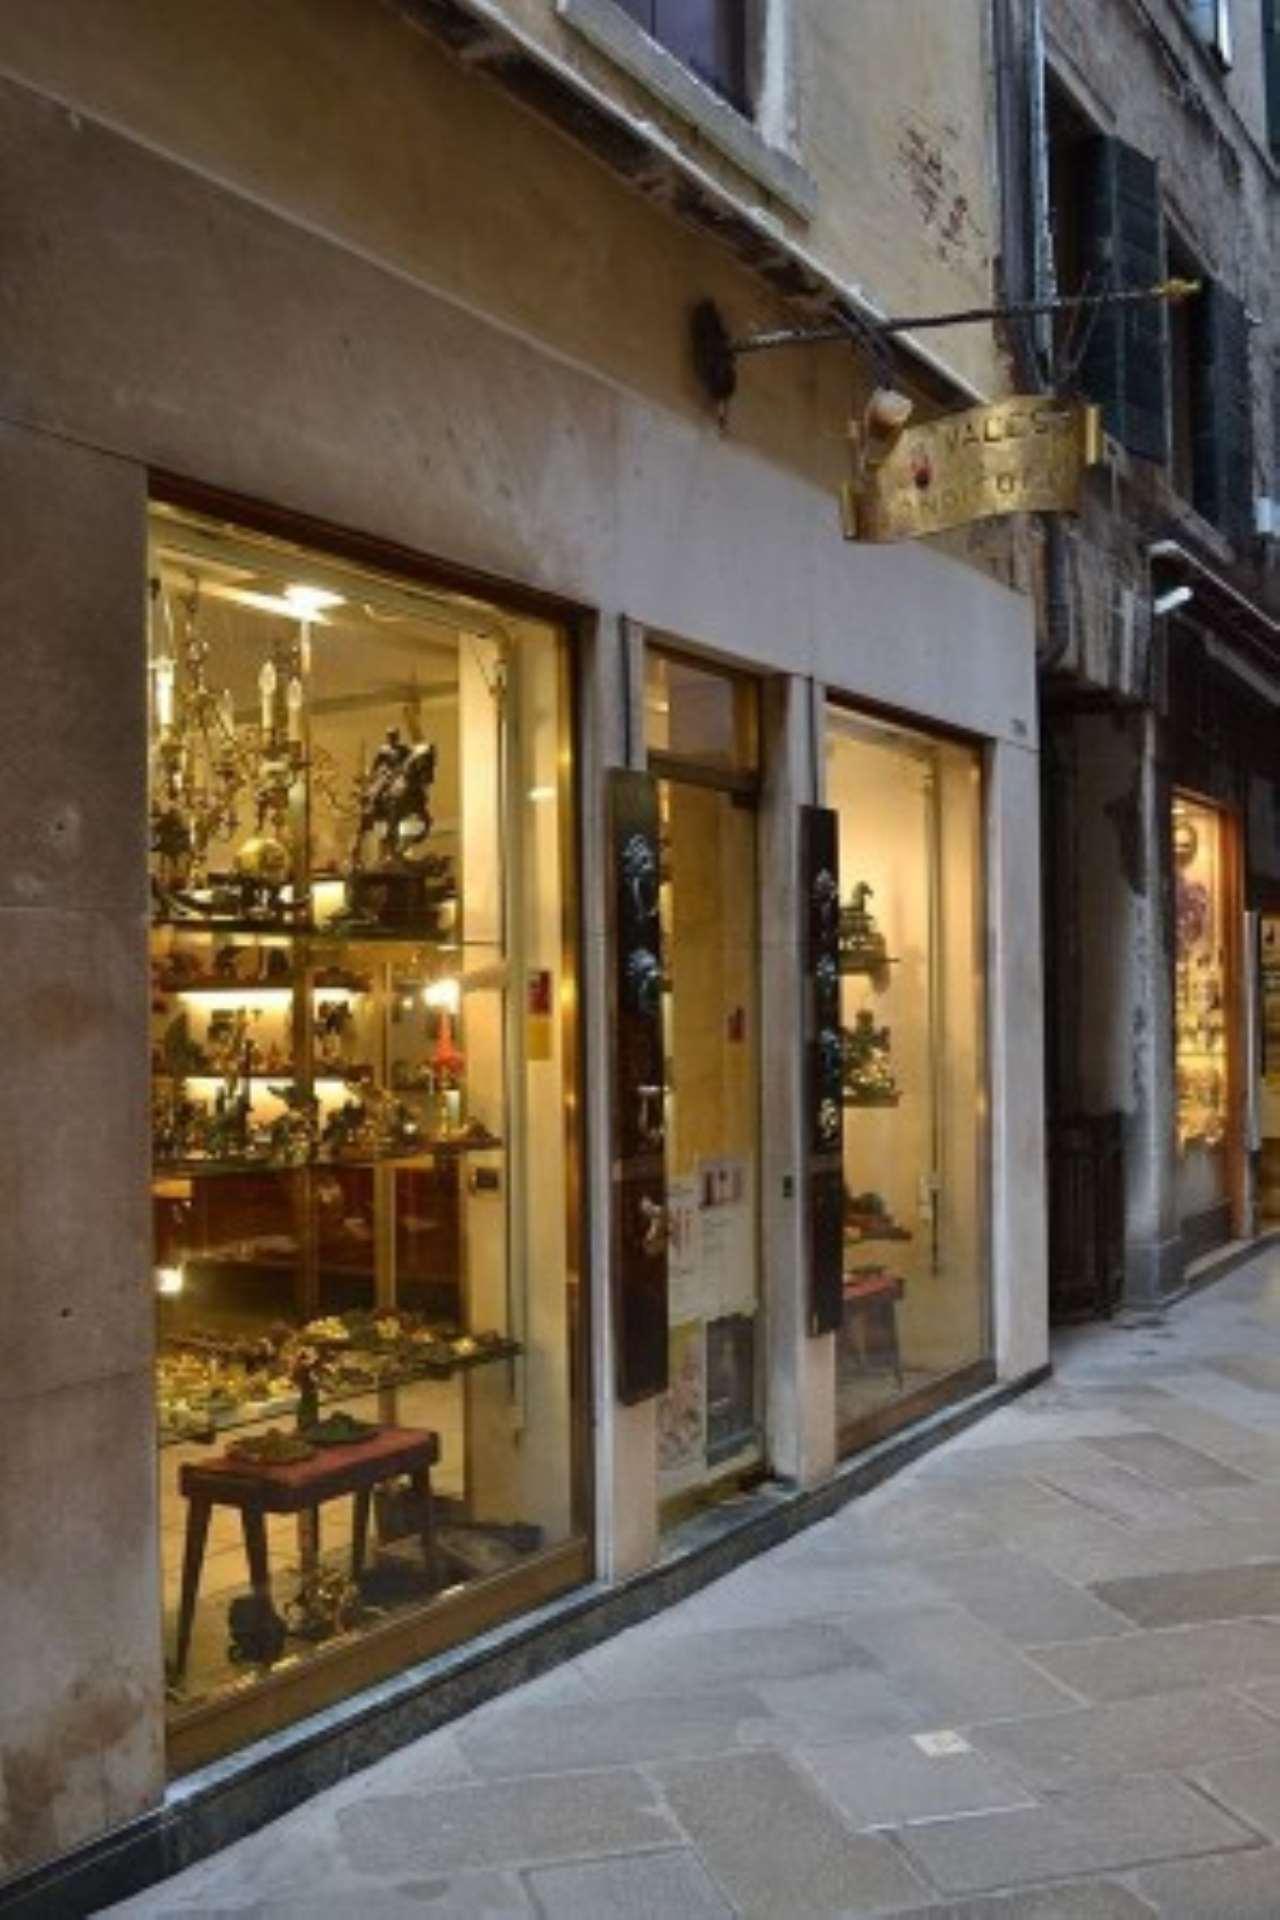 Negozio / Locale in vendita a Senigallia, 1 locali, prezzo € 150.000 | CambioCasa.it